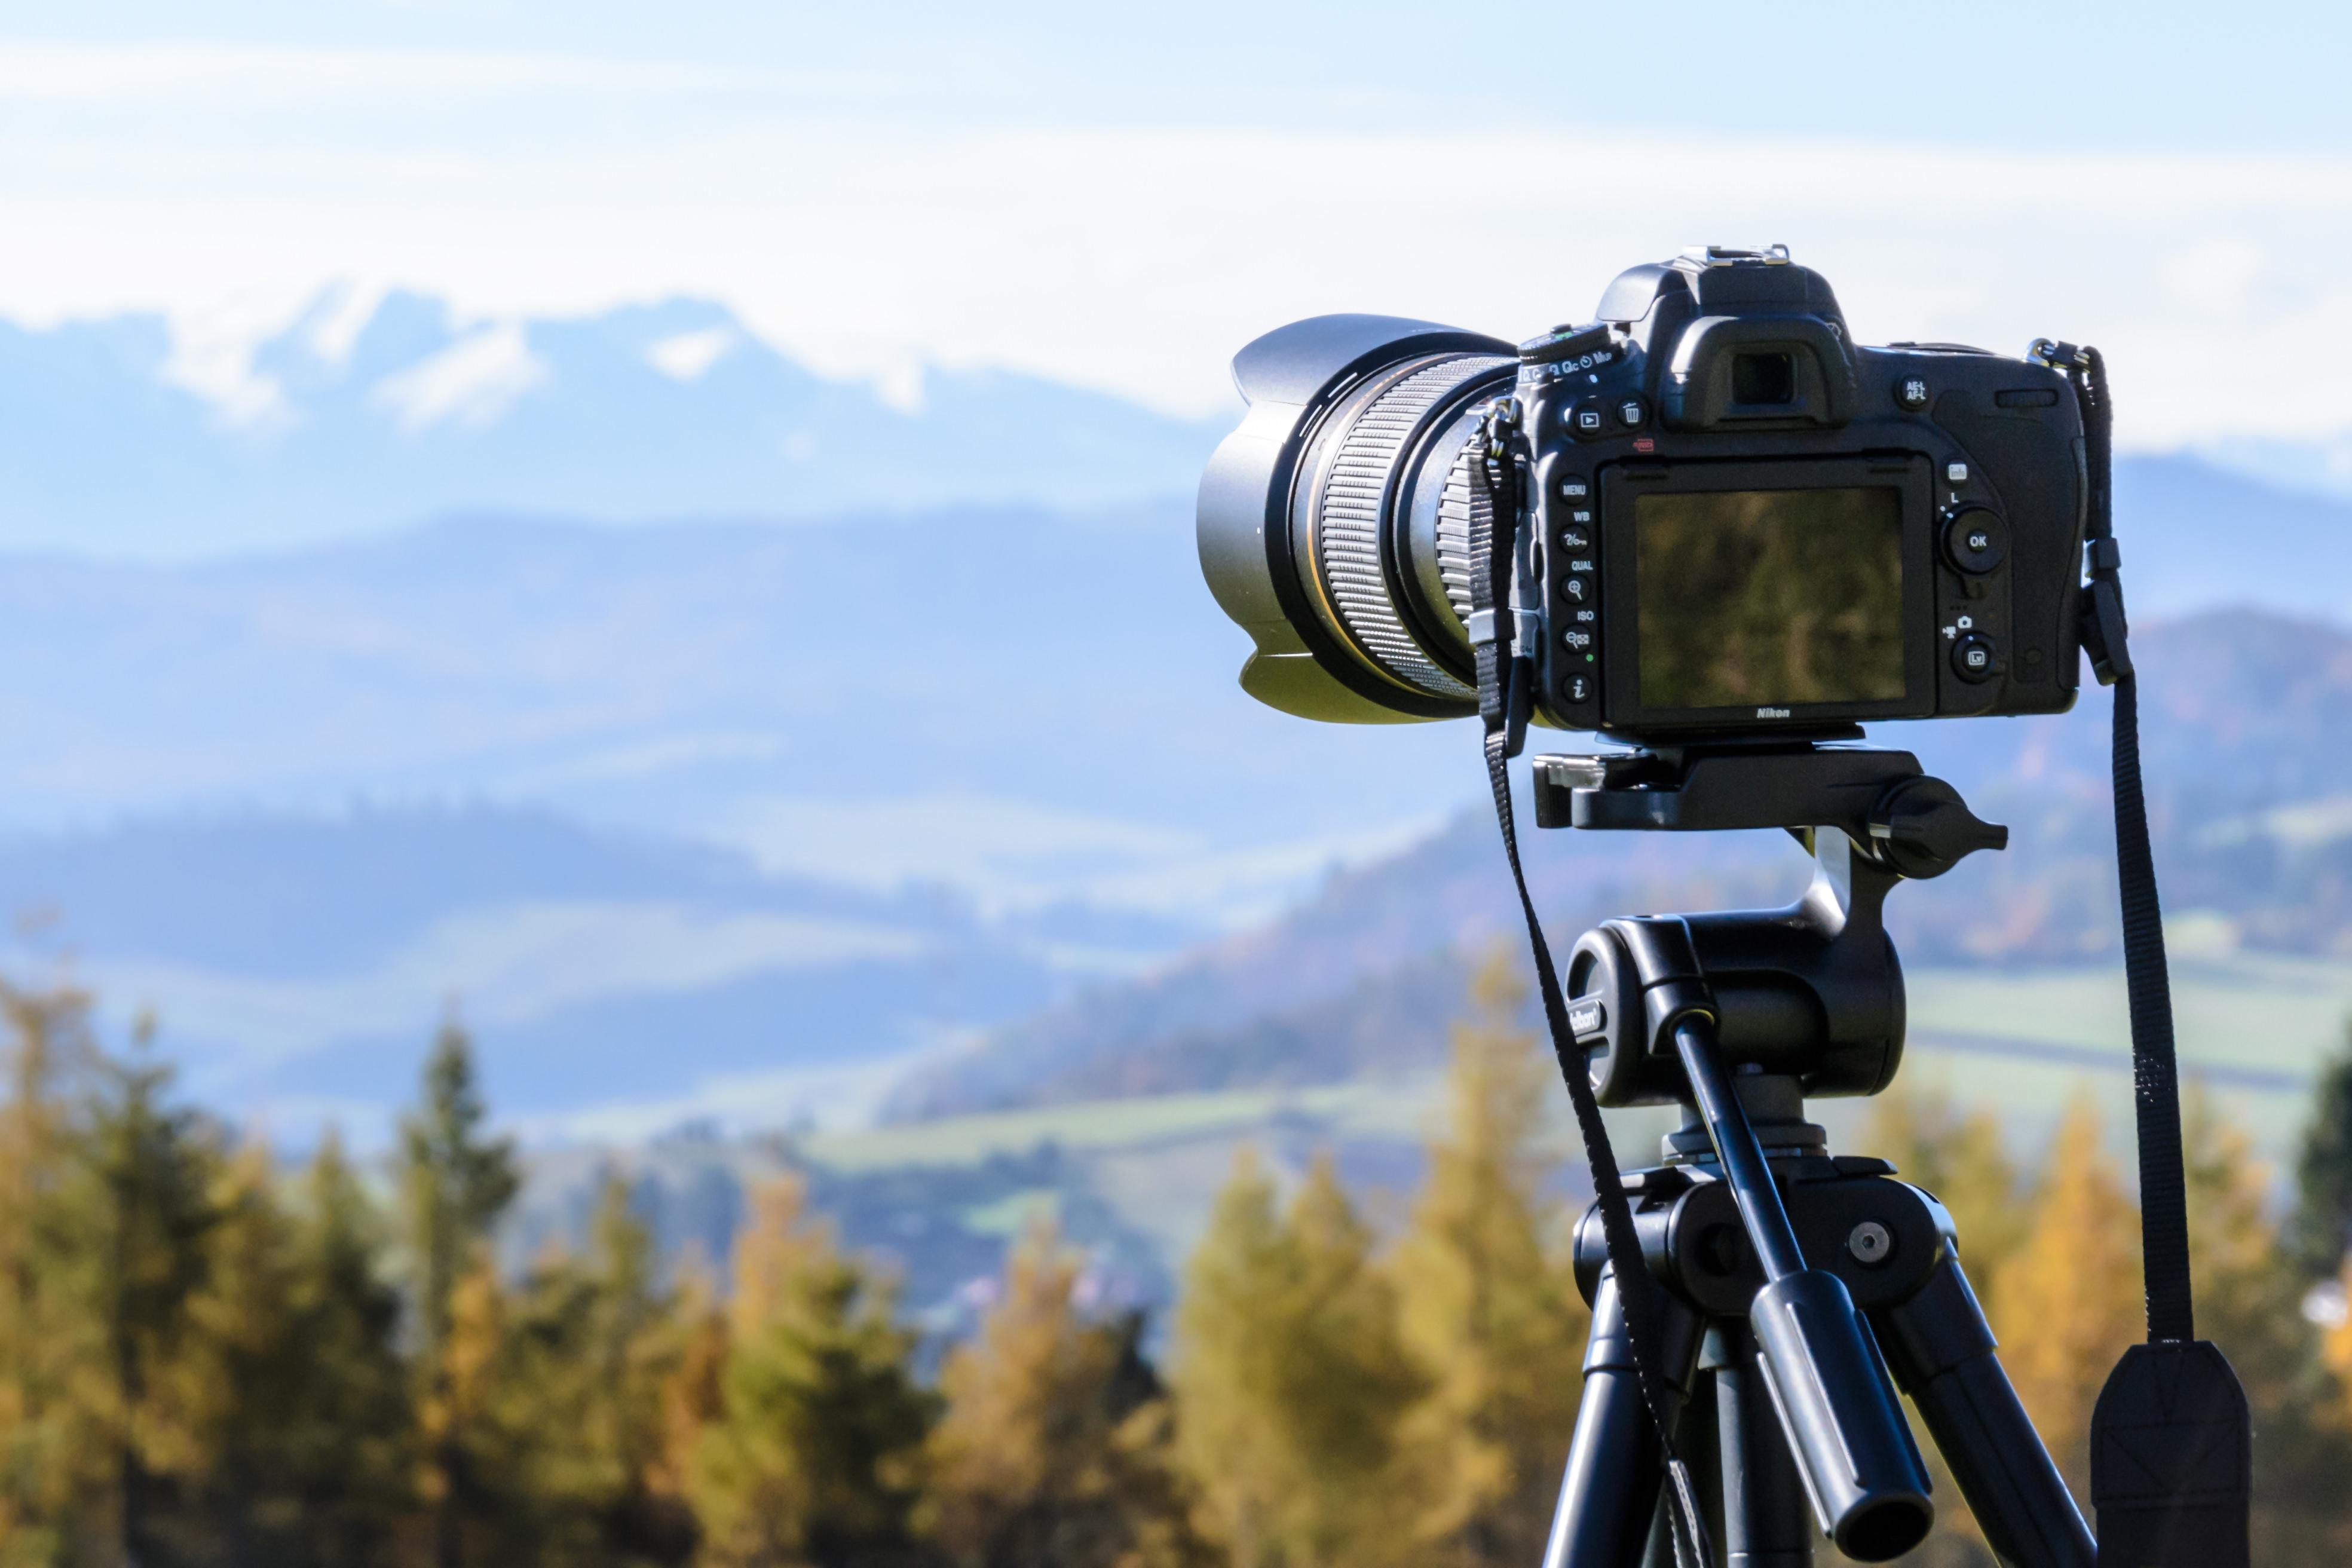 duke fotografia, tripode, como usar el tripode, duke fotografia blog, duke el blog,